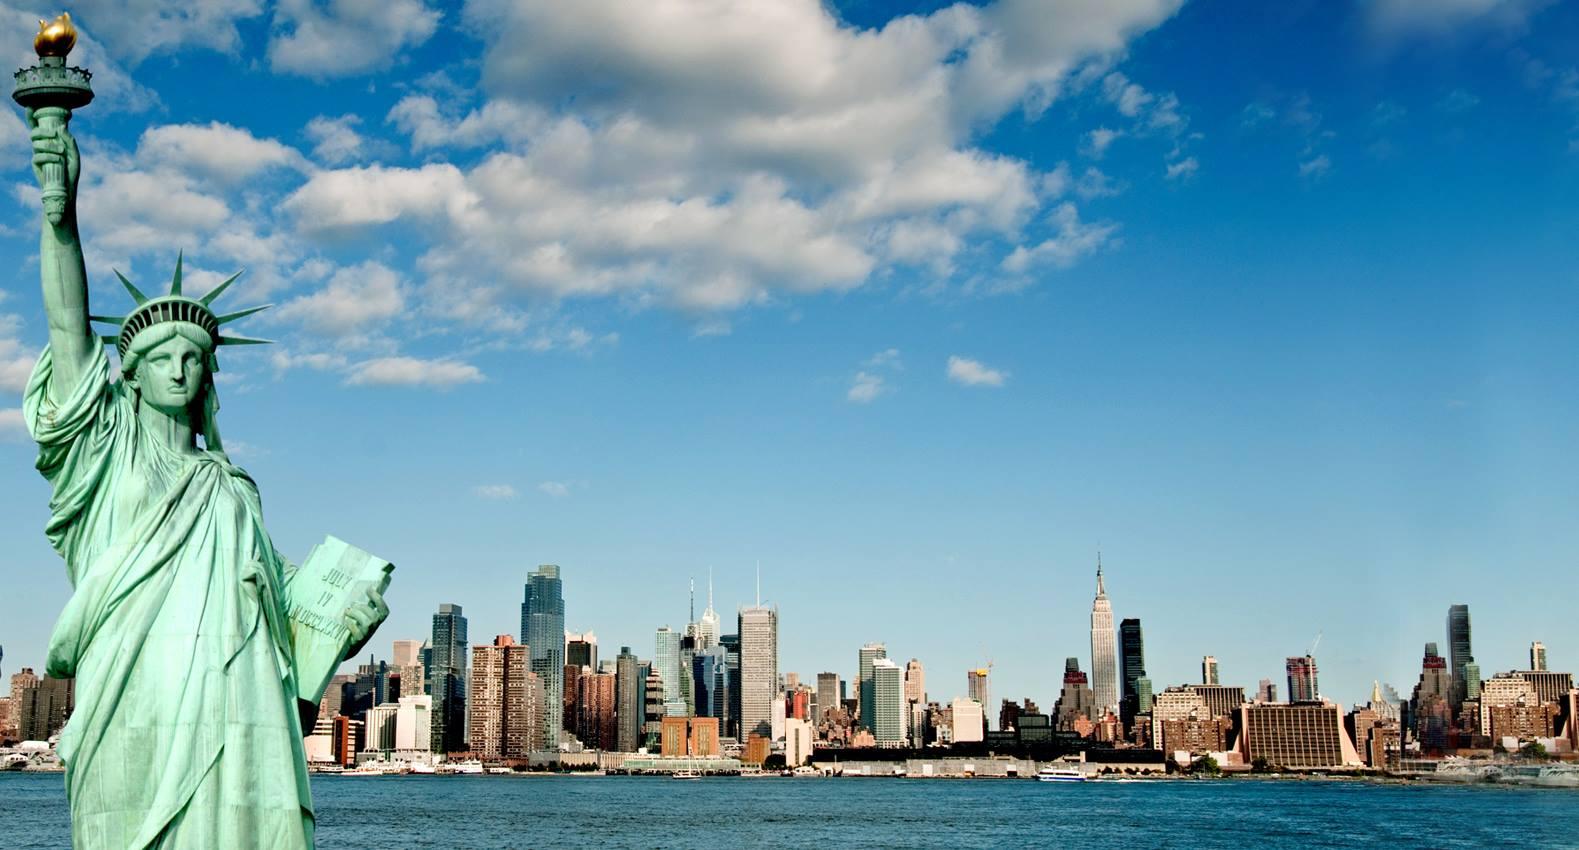 Amerika'da Yasama ve Calisma Izni Olmadan Yasal Olarak Calismak